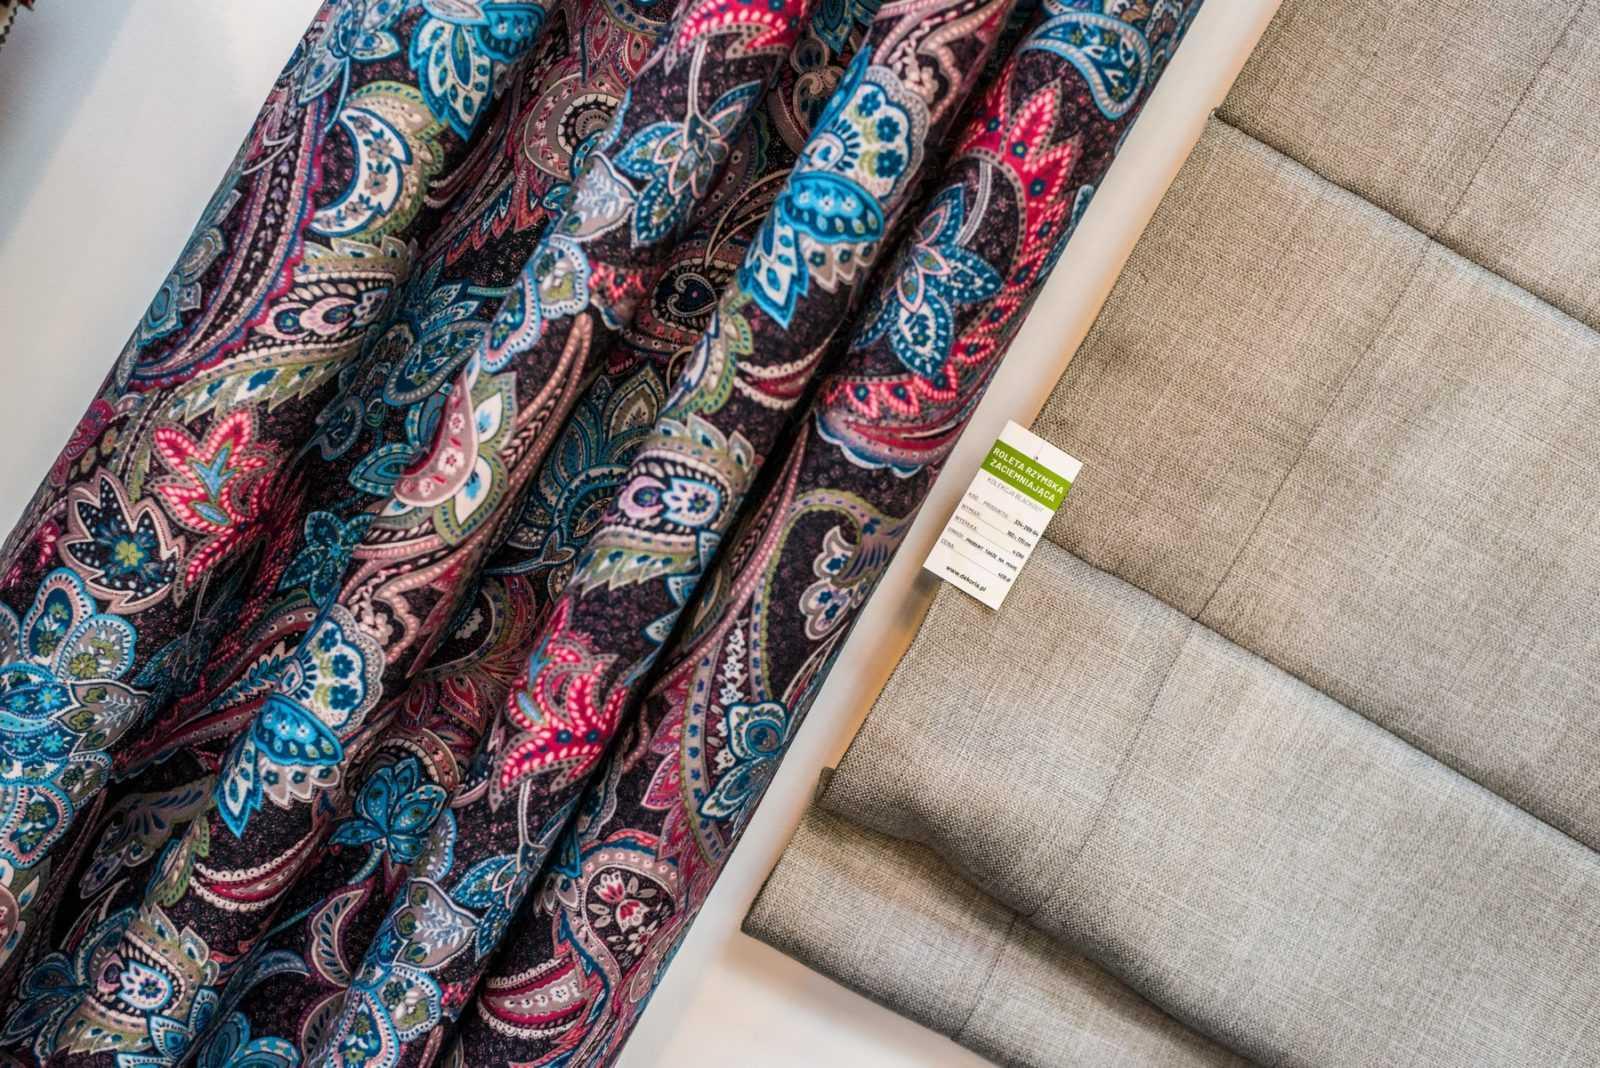 dekorshop showroom sklep z wyposazeniem wnetrz gdansk gdynia trojmiasto (75)